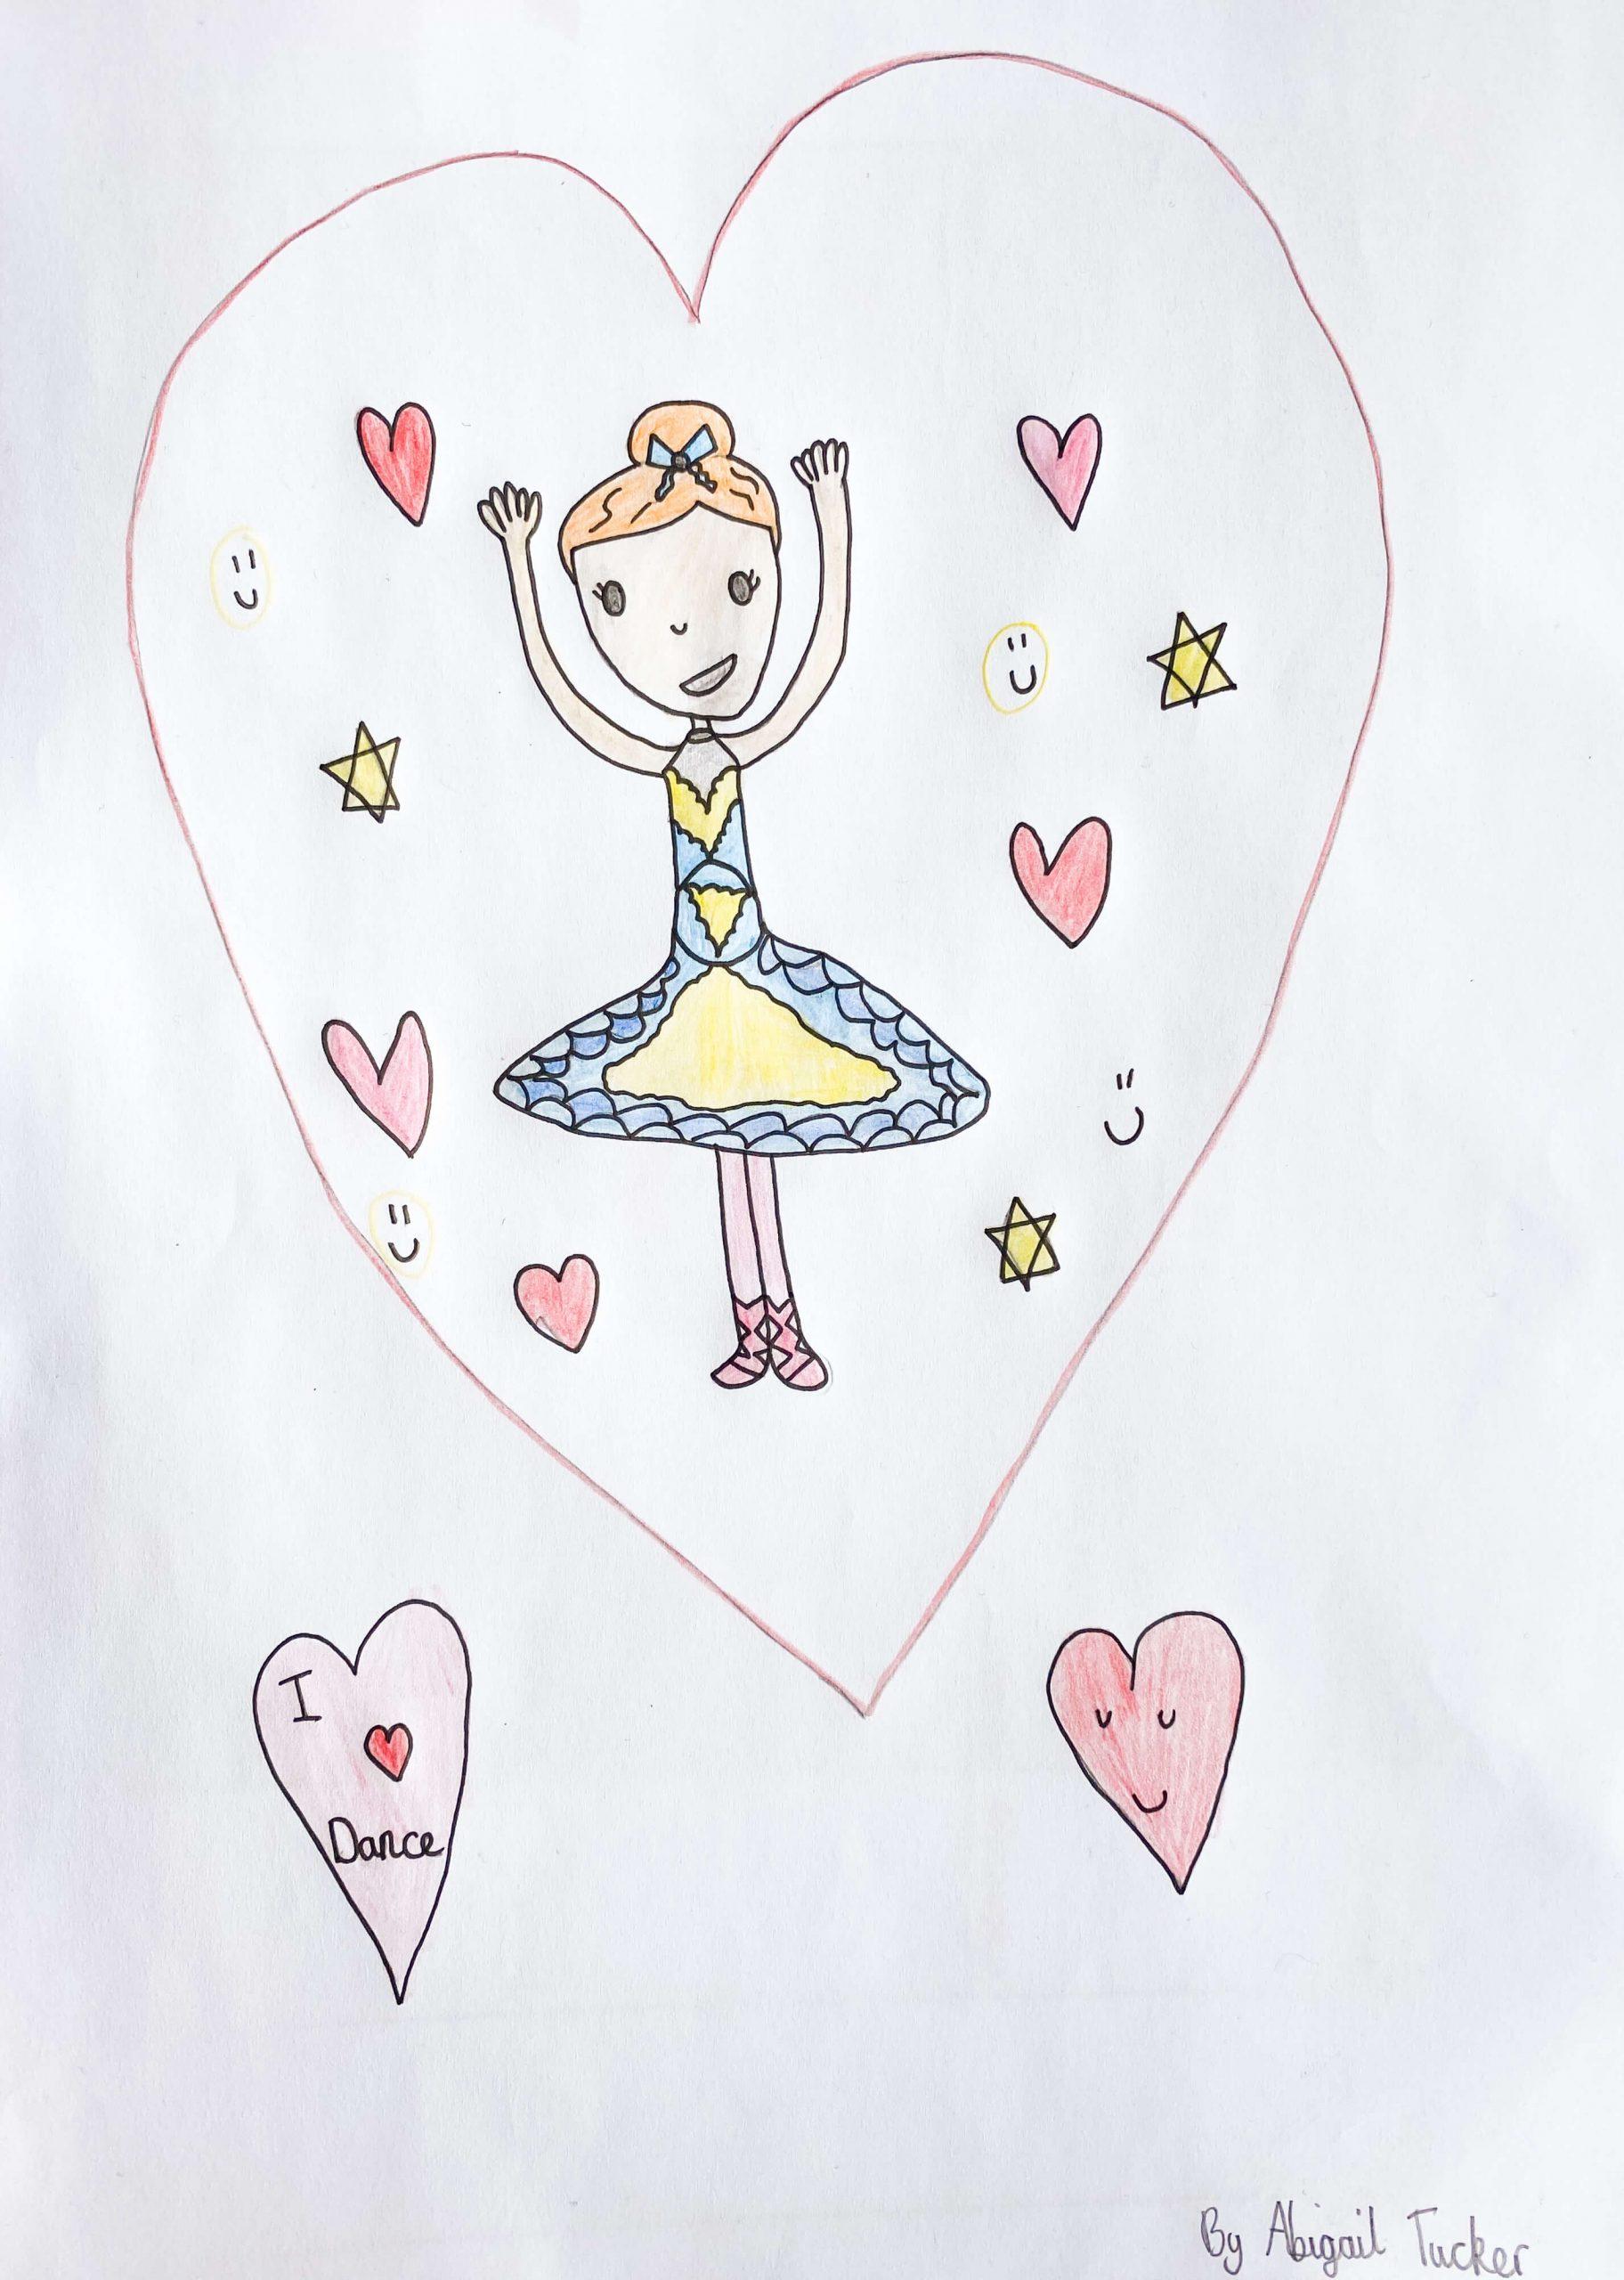 Abigail Tucker. Grade 3